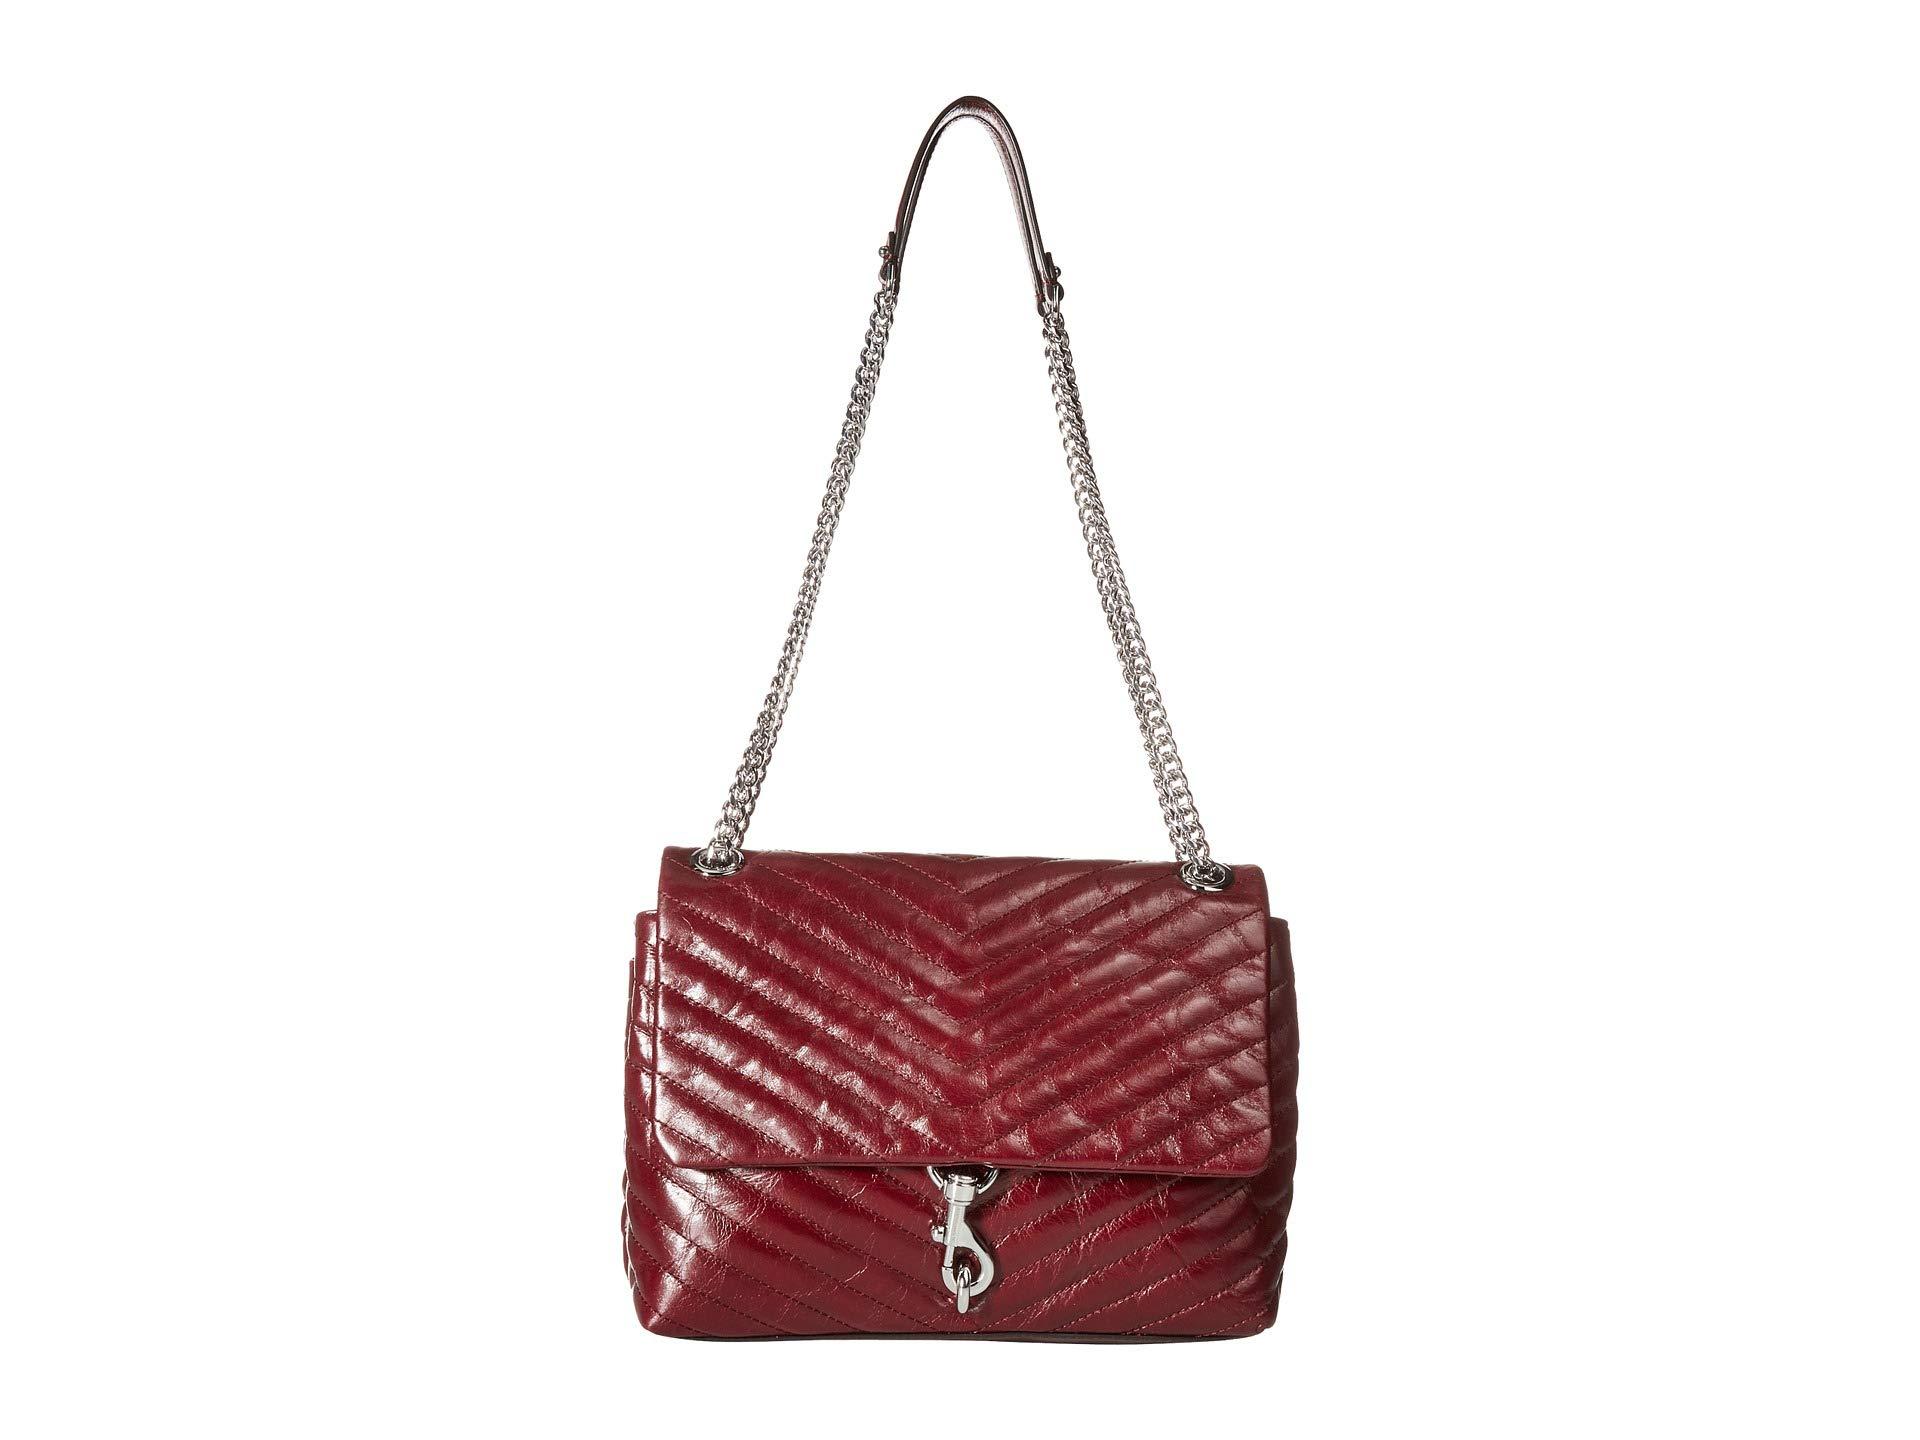 Minkoff Bordeaux Edie Shoulder Bag Flap Rebecca RCpxnq76ww